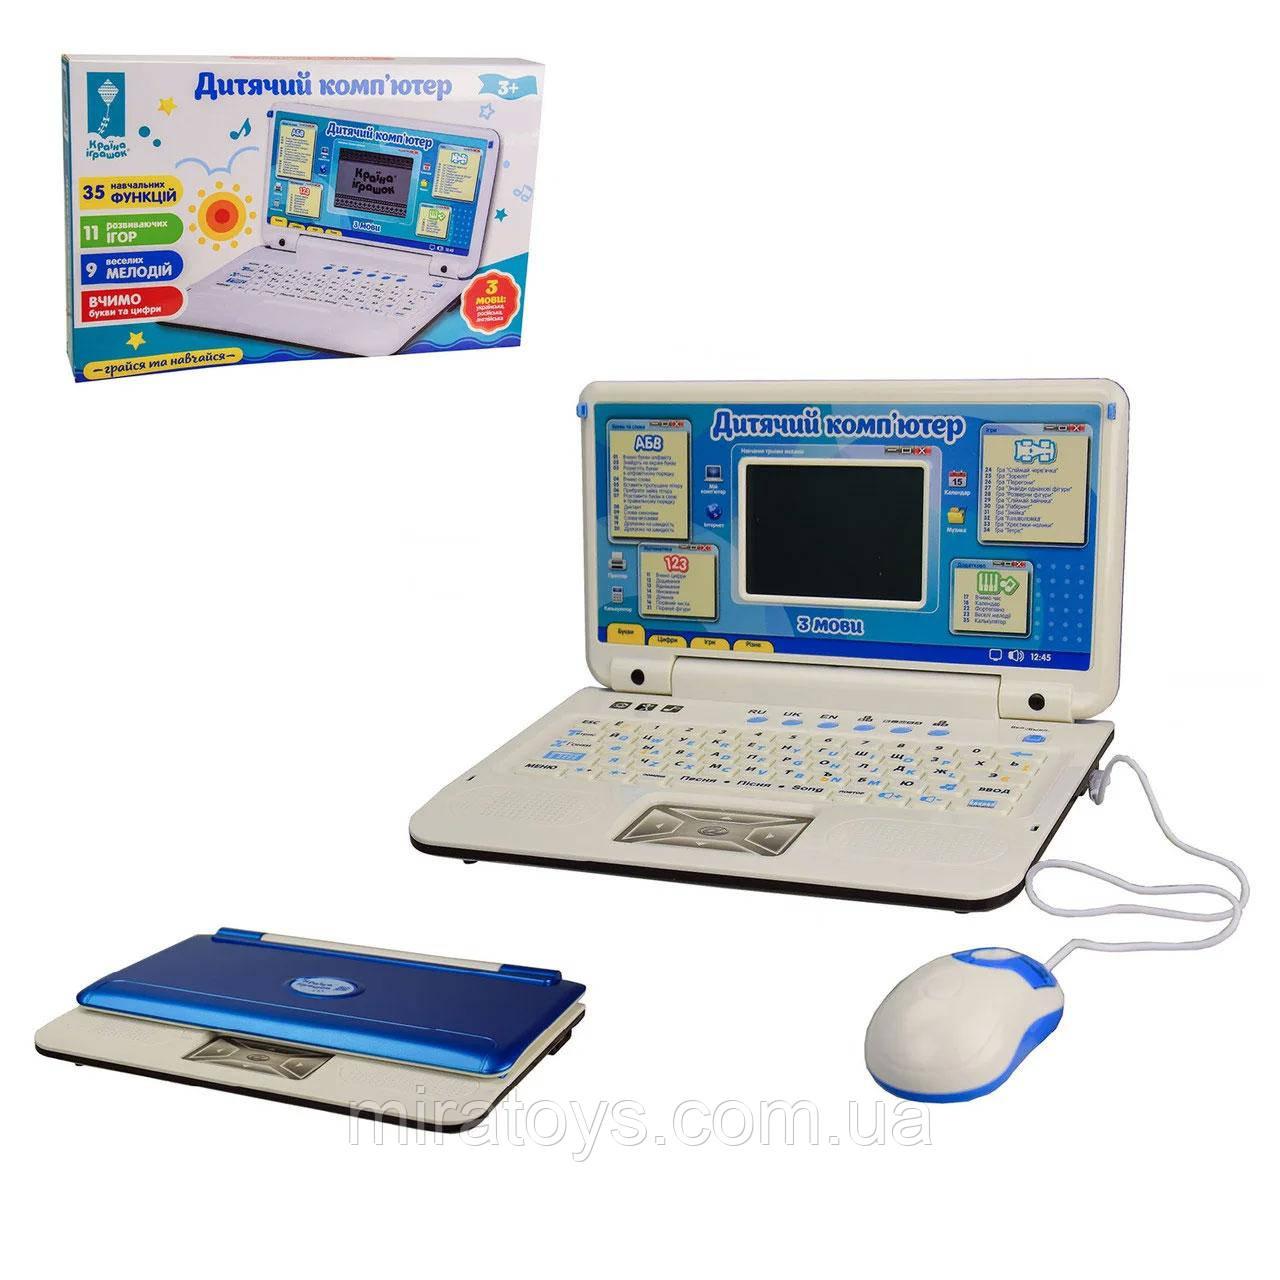 Дитячий комп'ютер-ноутбук PL-720-78 російською, українською та англійською мовами (35 функцій)